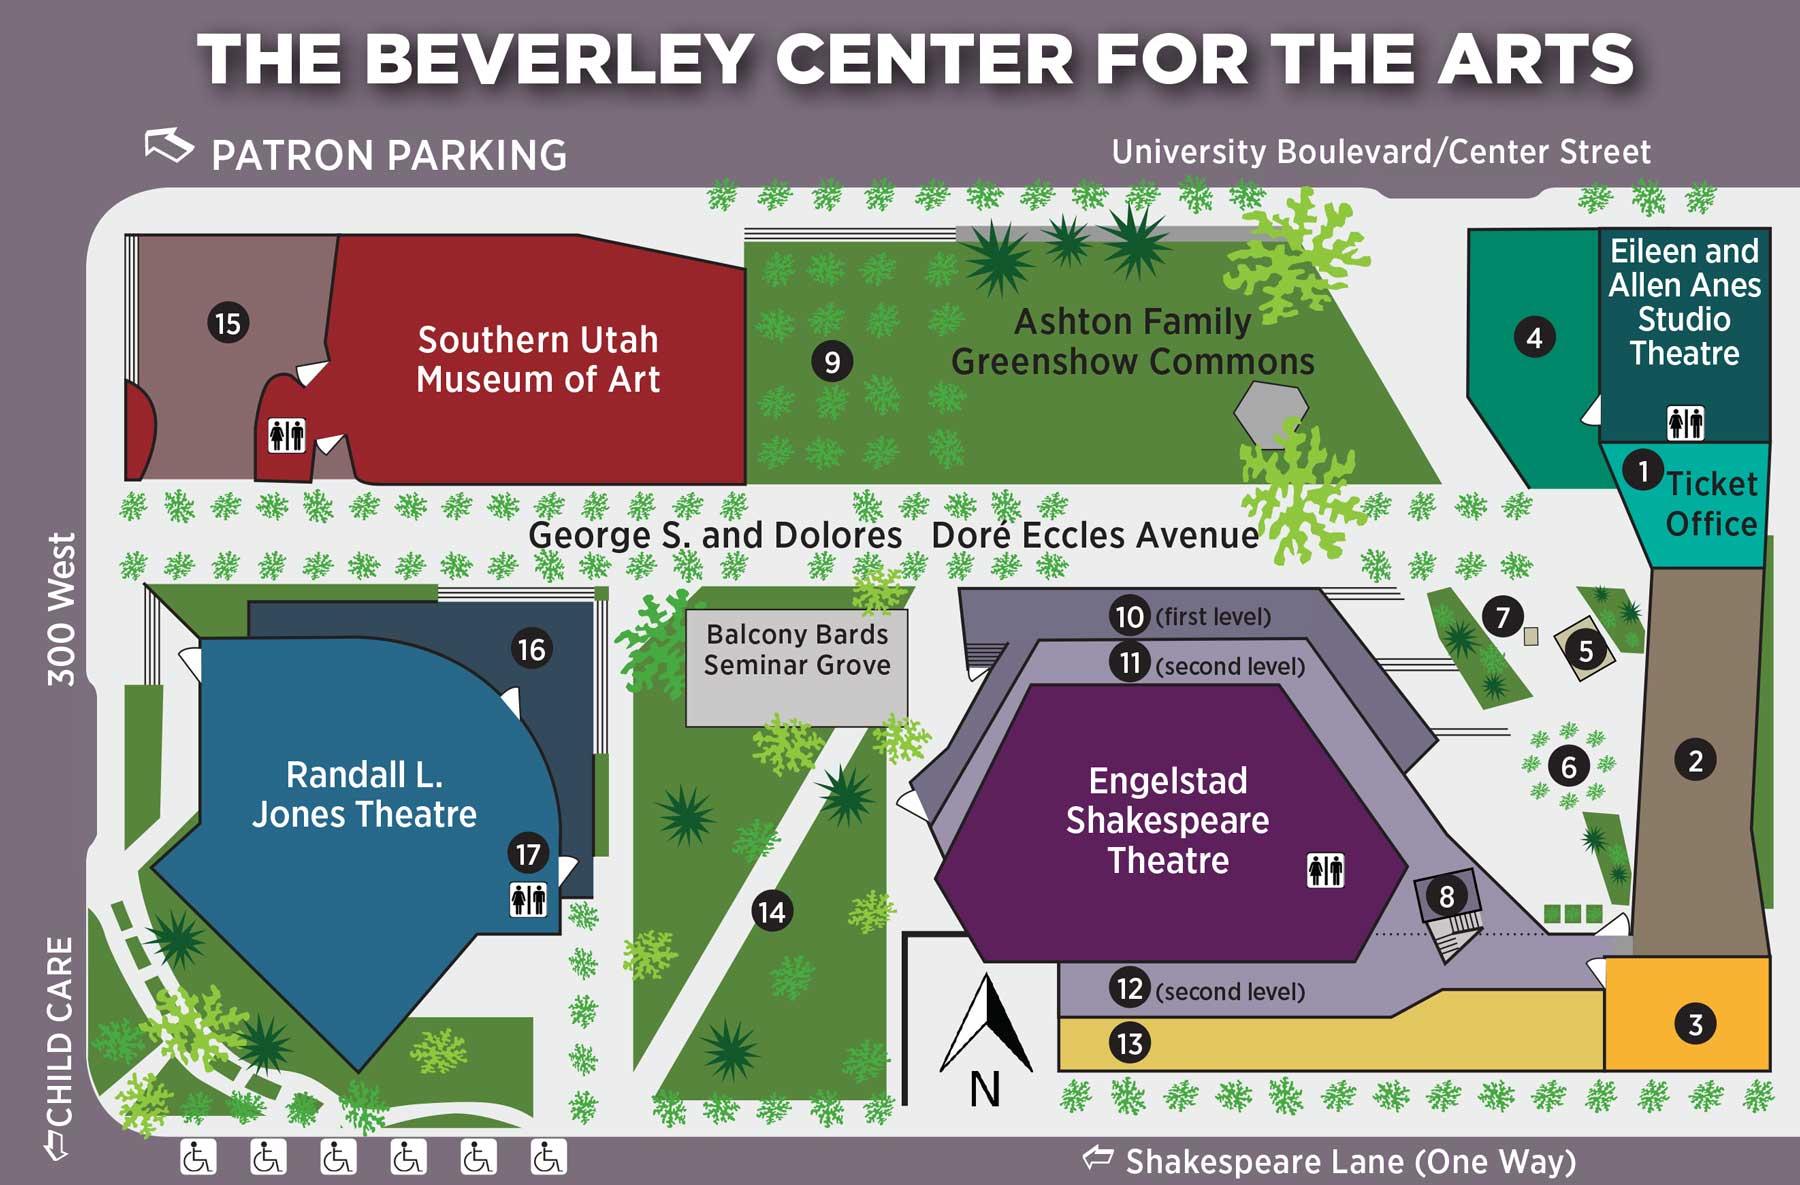 Beverley-Center-Map-for-Web-2019.jpg